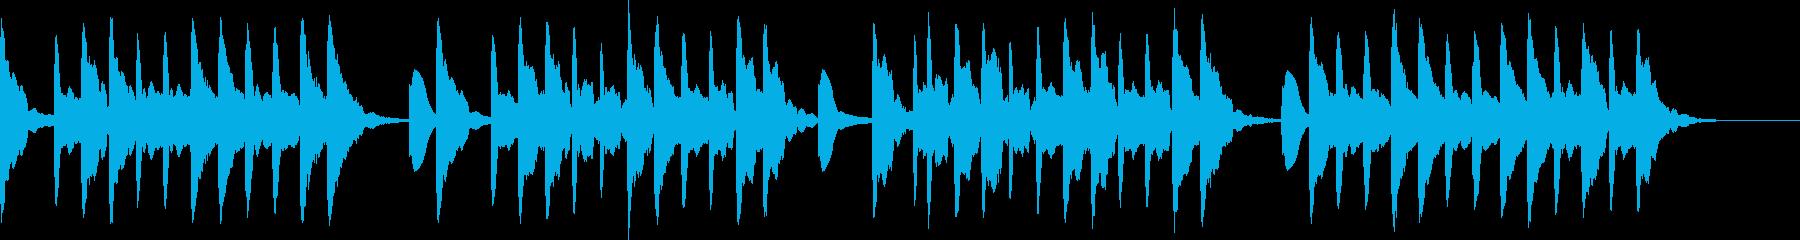 夕焼け小焼け ベル  夕方の時報の再生済みの波形